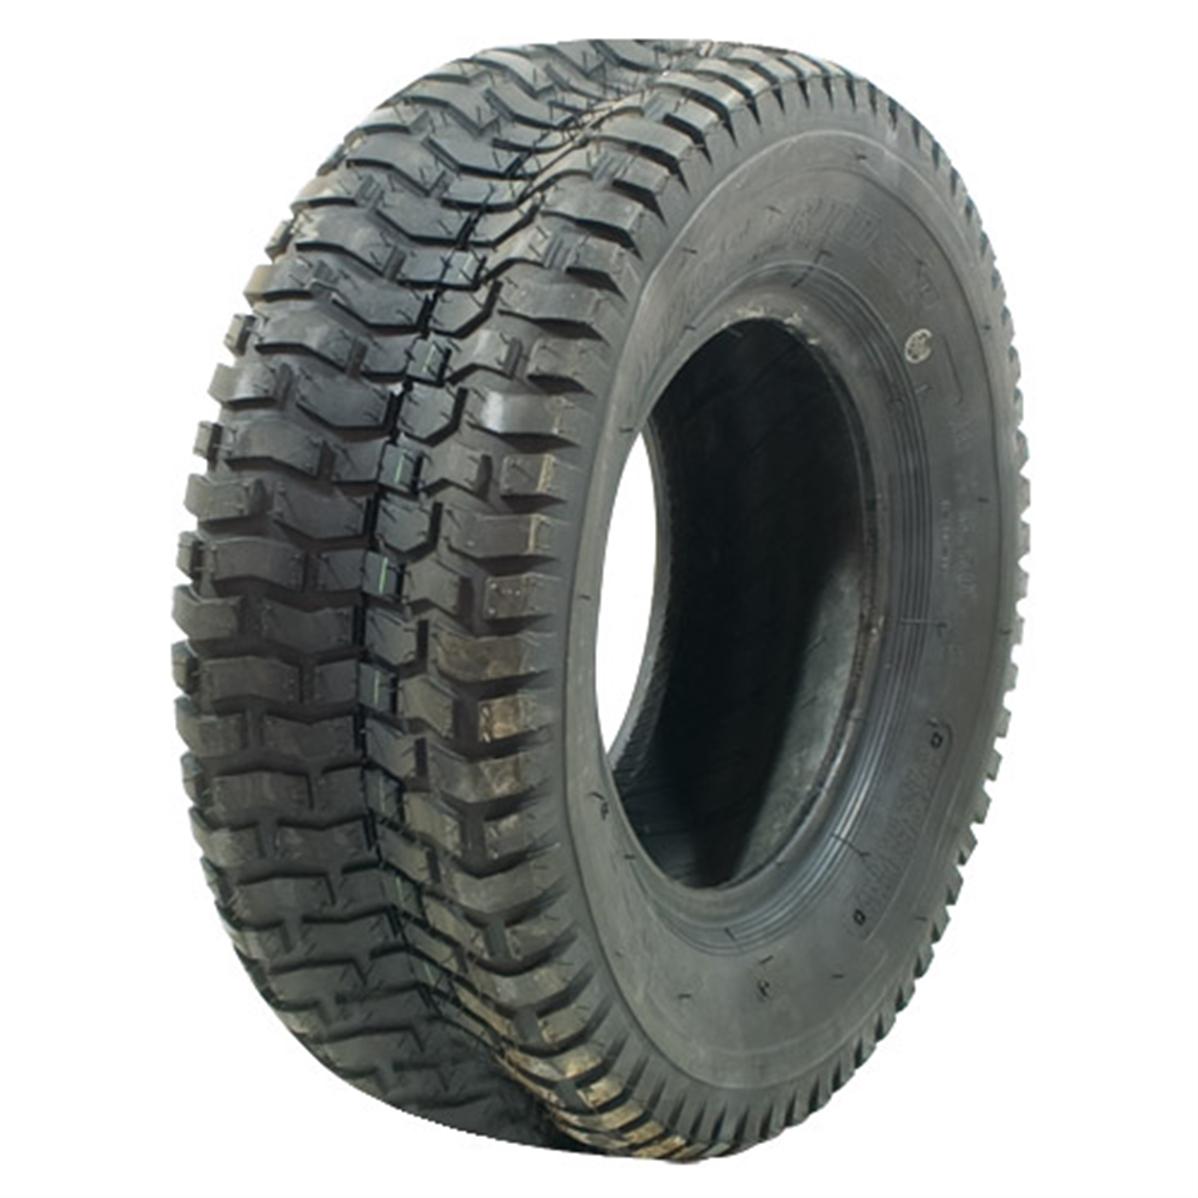 pneu tracteur tondeuse autoport e 13x500x6 profil gazon. Black Bedroom Furniture Sets. Home Design Ideas